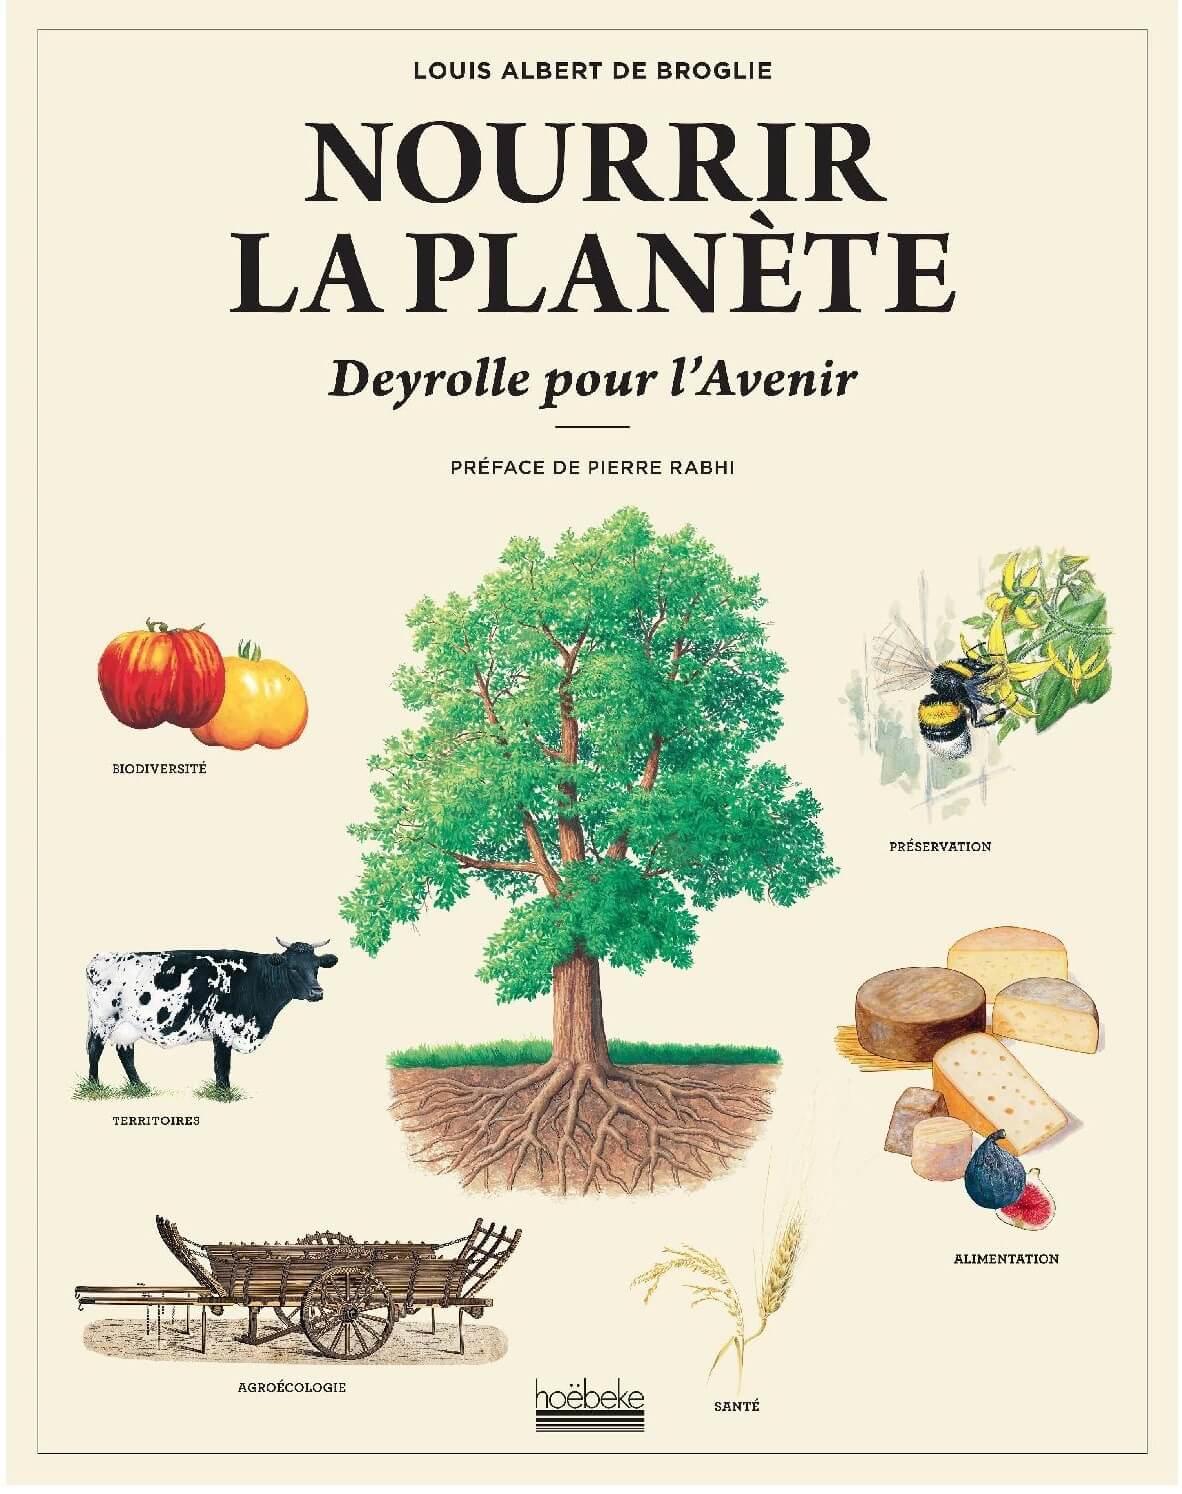 Petite contribution à l'écriture du livre «Nourrir la planète» (Deyrolle pour l'avenir)